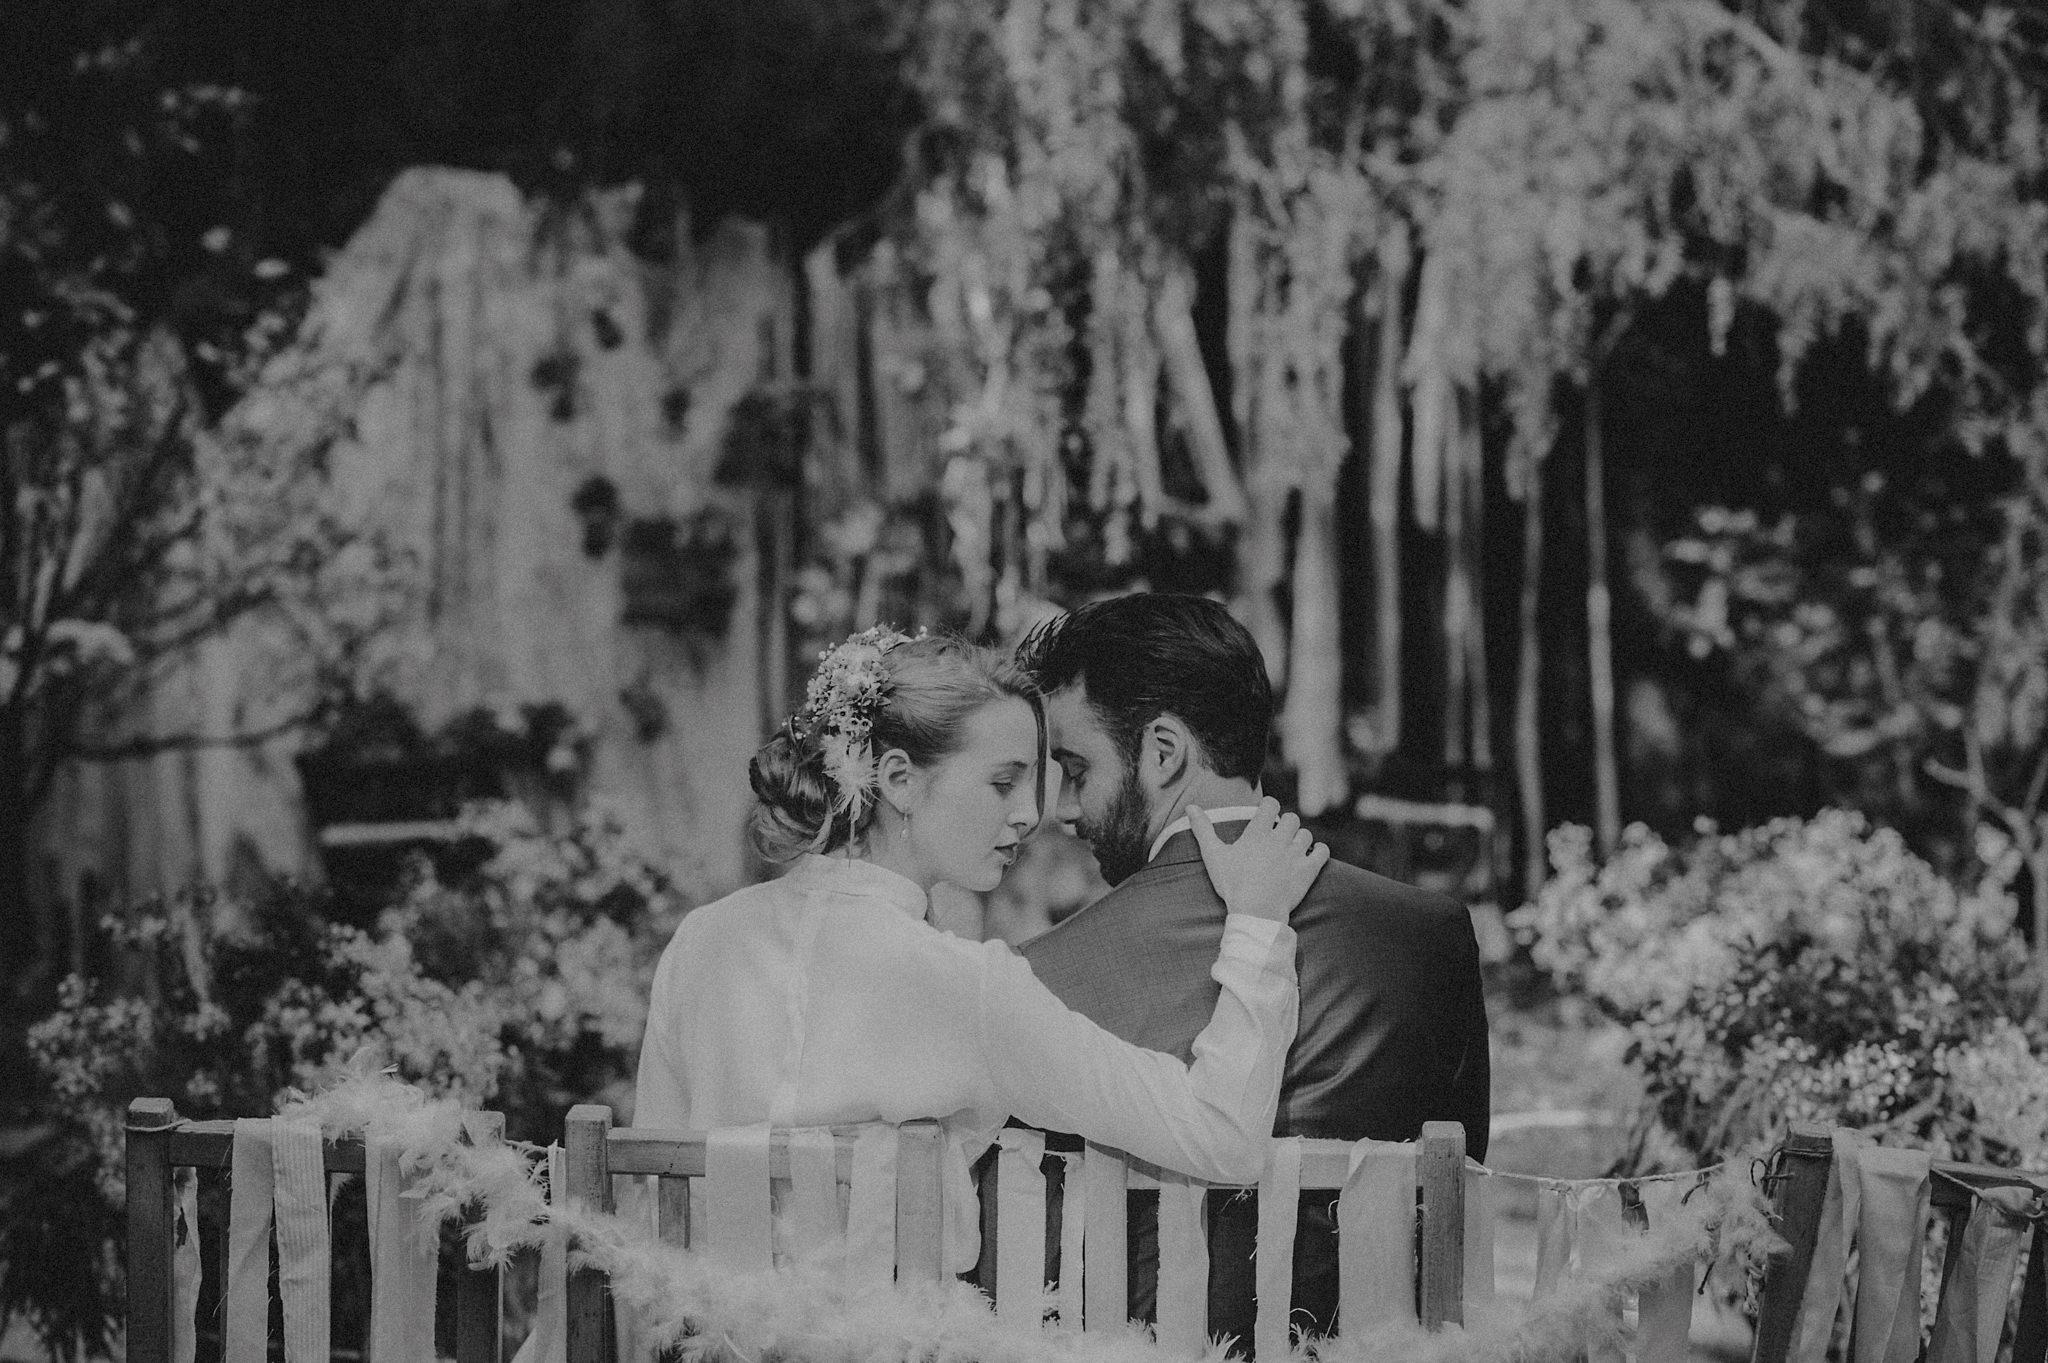 sesion-editorial-fotografia-de-boda